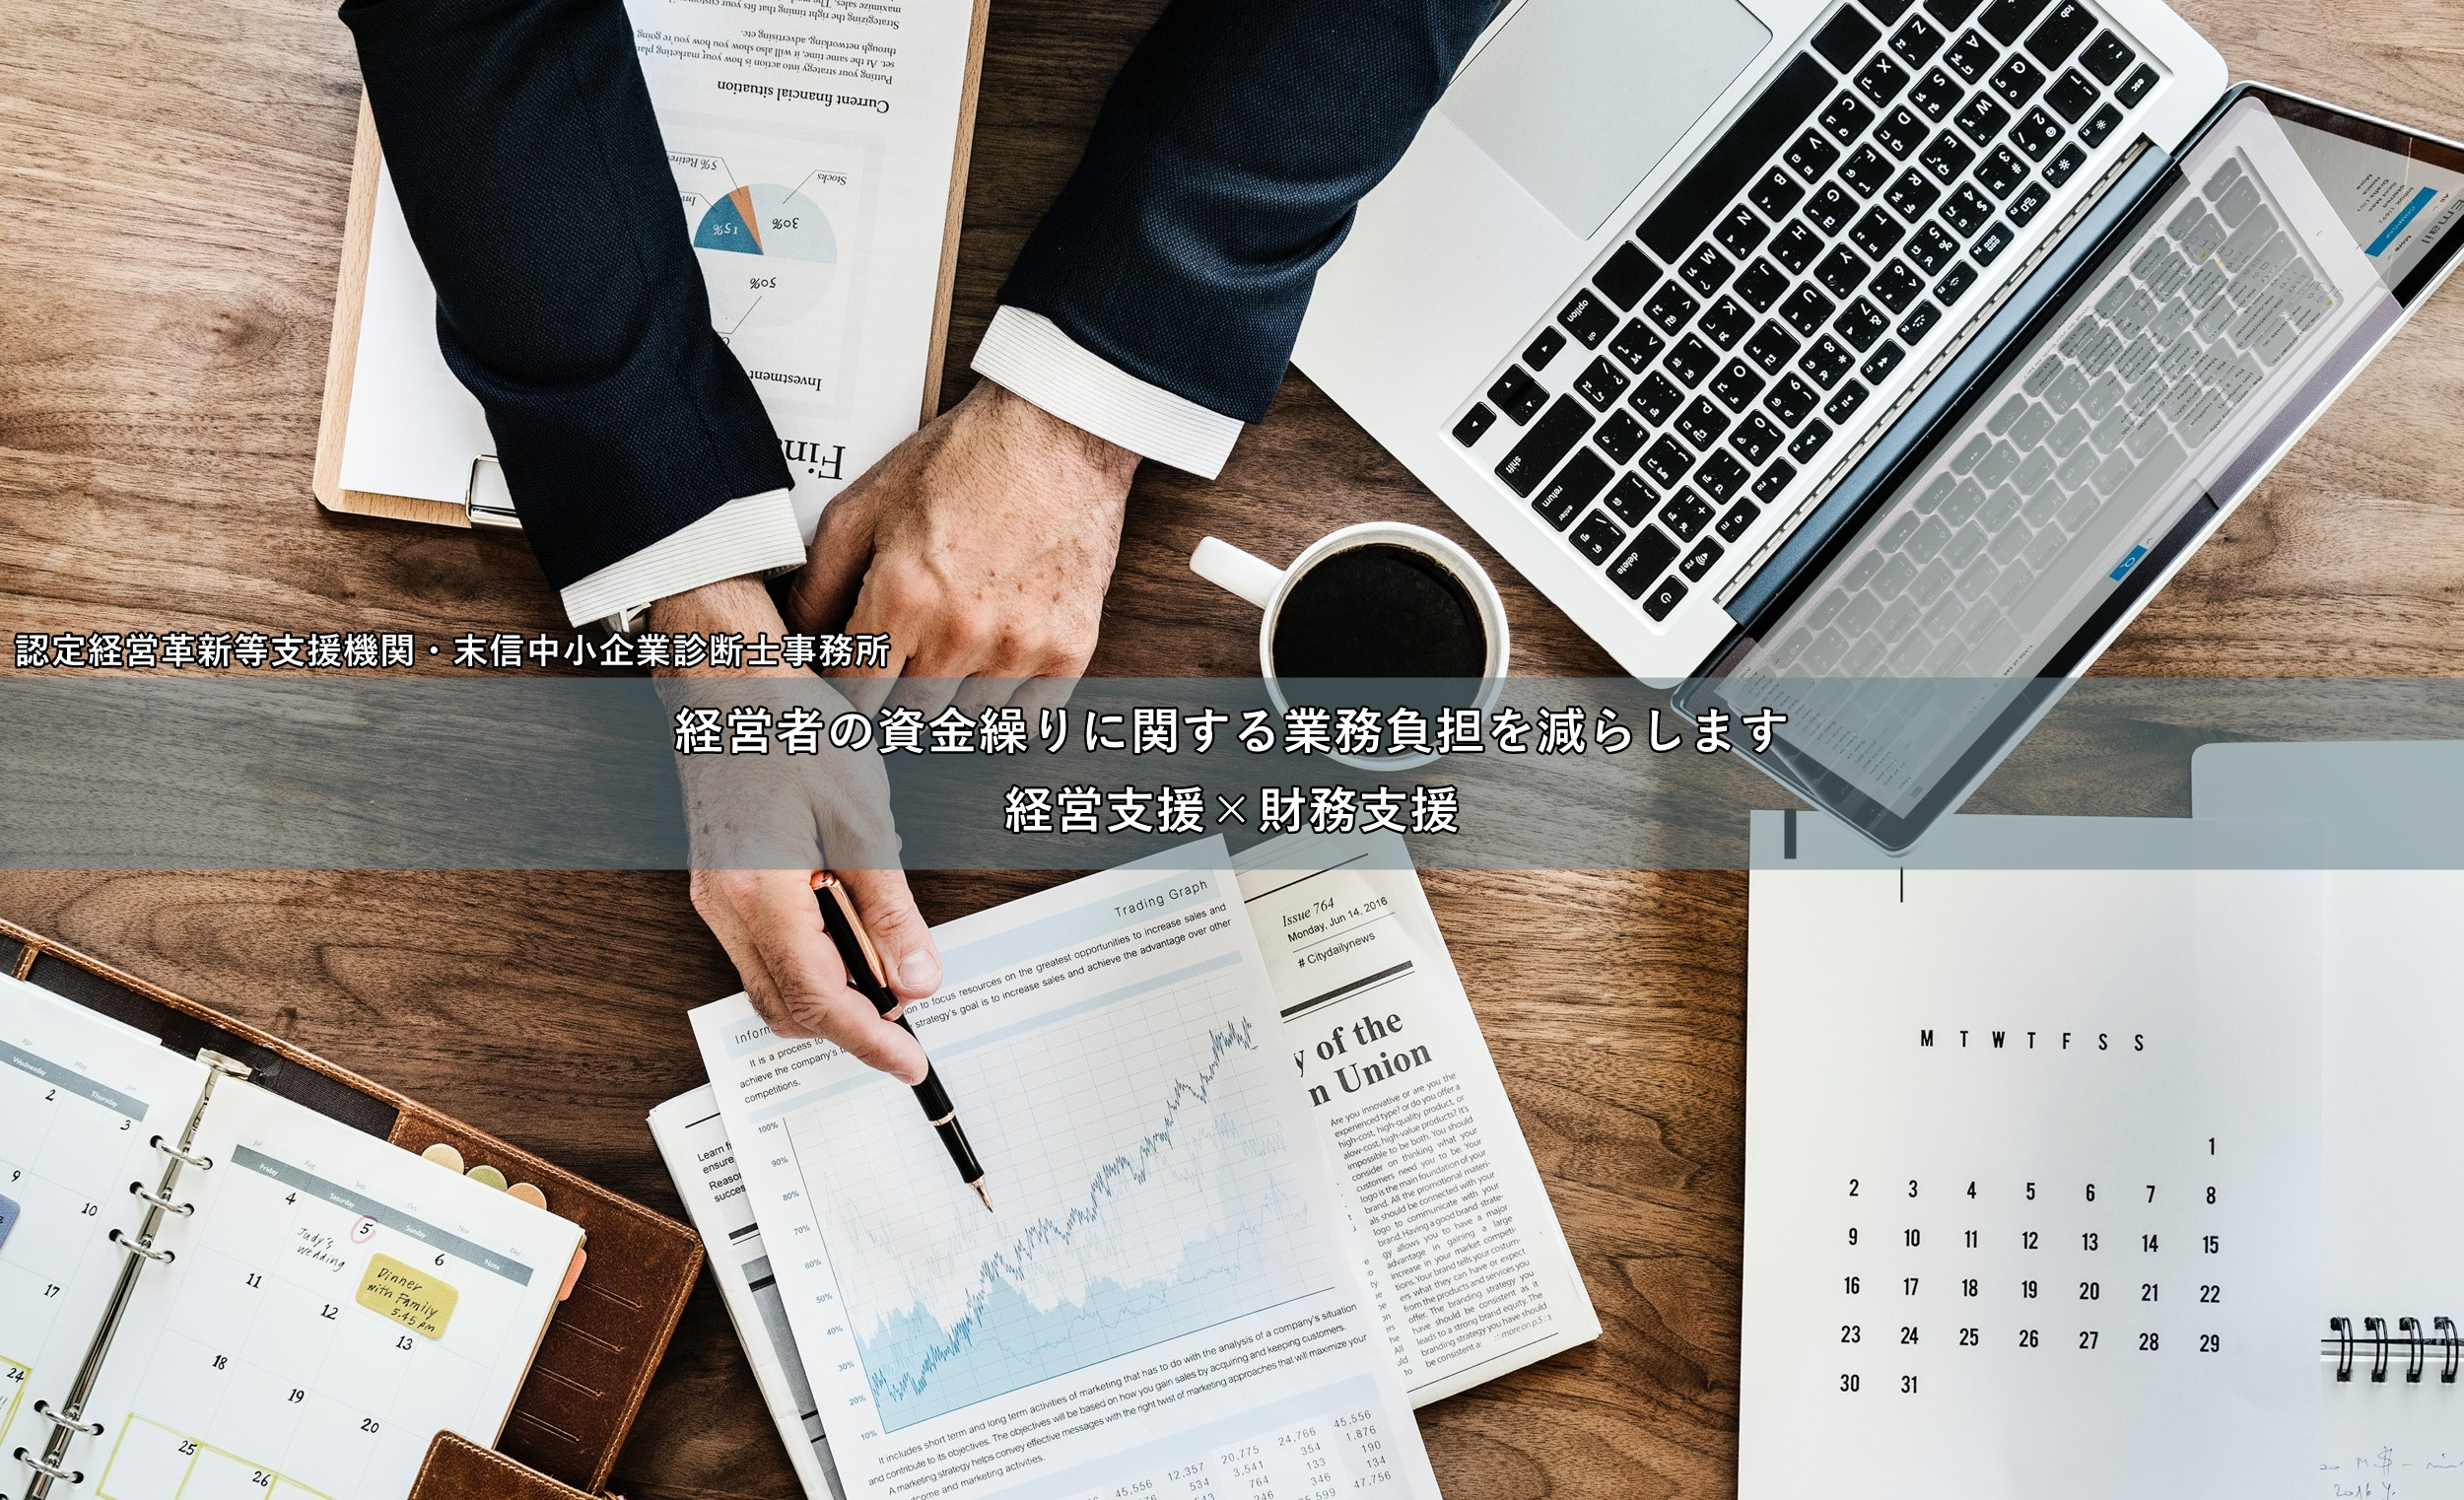 資金繰り・経営改善・借入の相談所